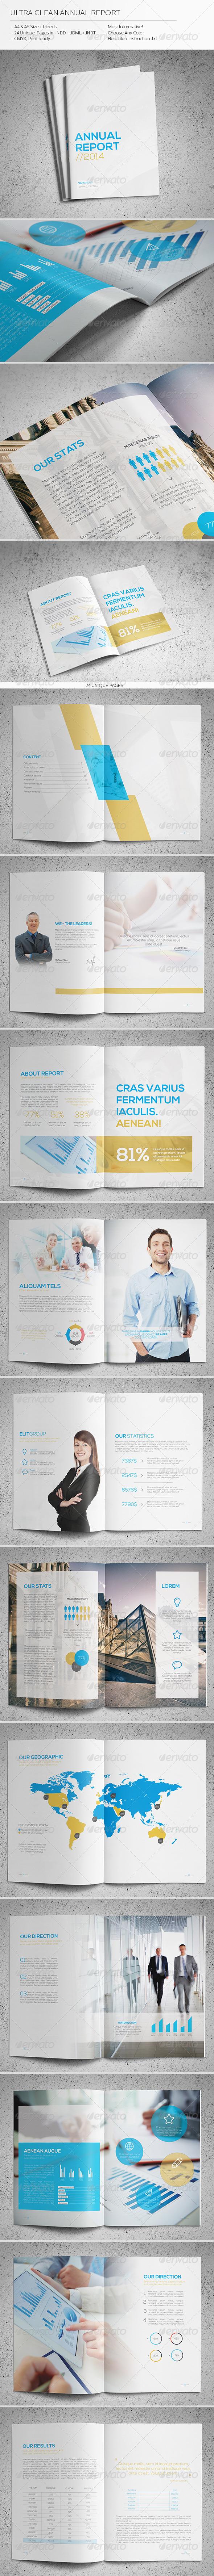 GraphicRiver Ultra Clean Annual Report 6234479